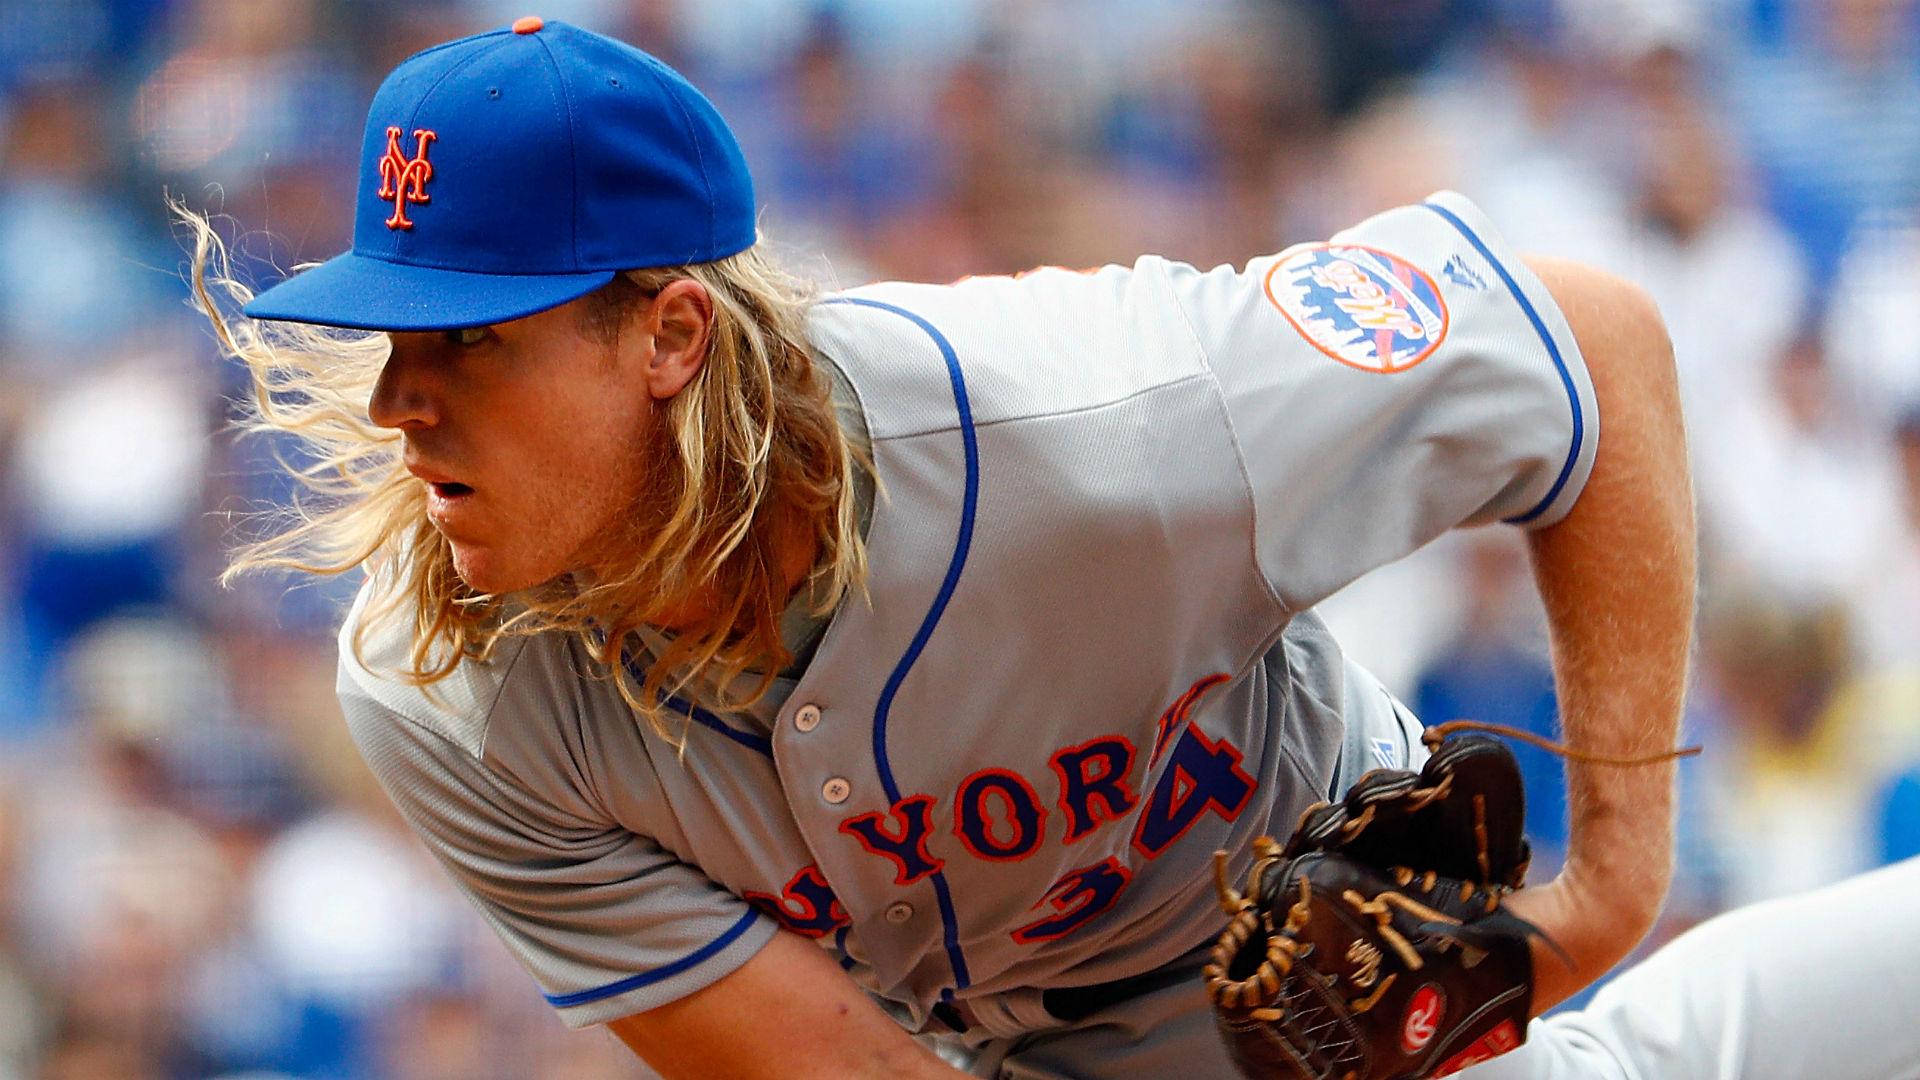 Noah Syndergaard's new cutter baffles baseball world - Business ...